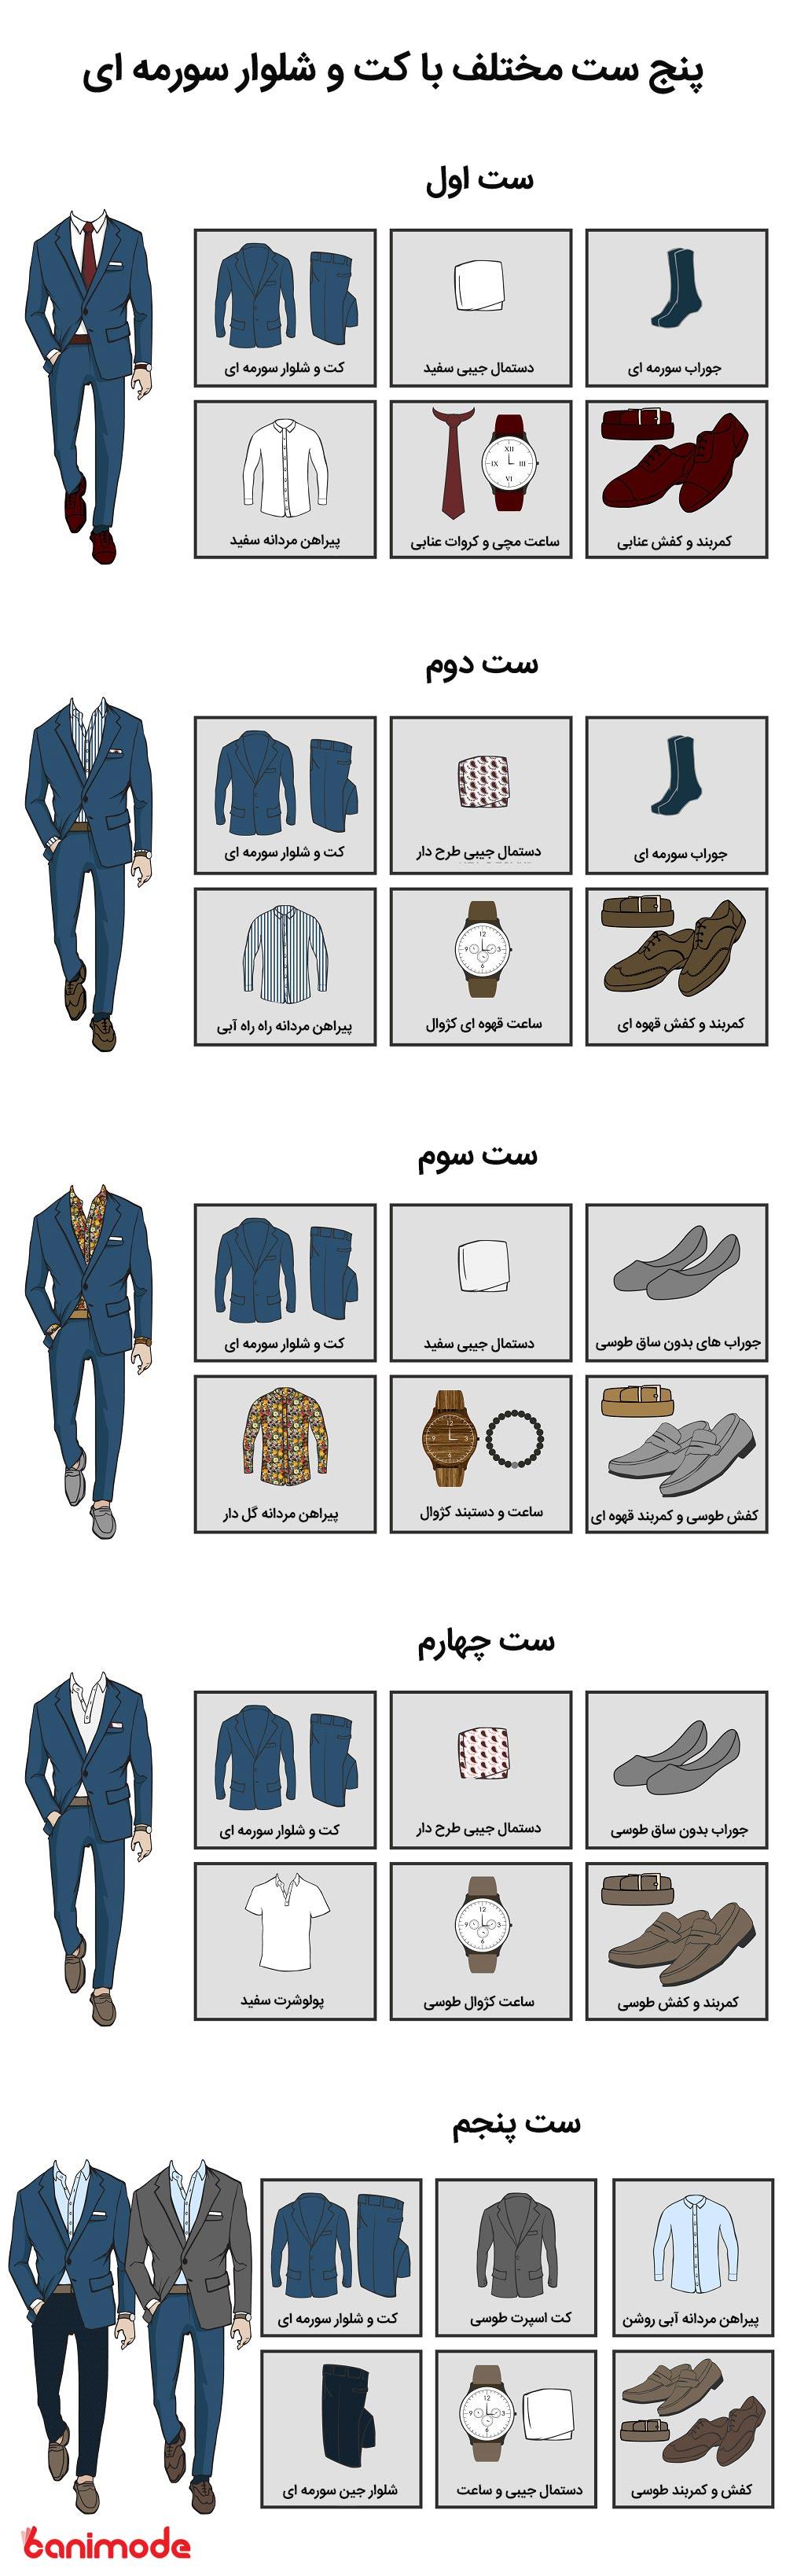 5 ست مختلف با کت و شلوار سورمهای